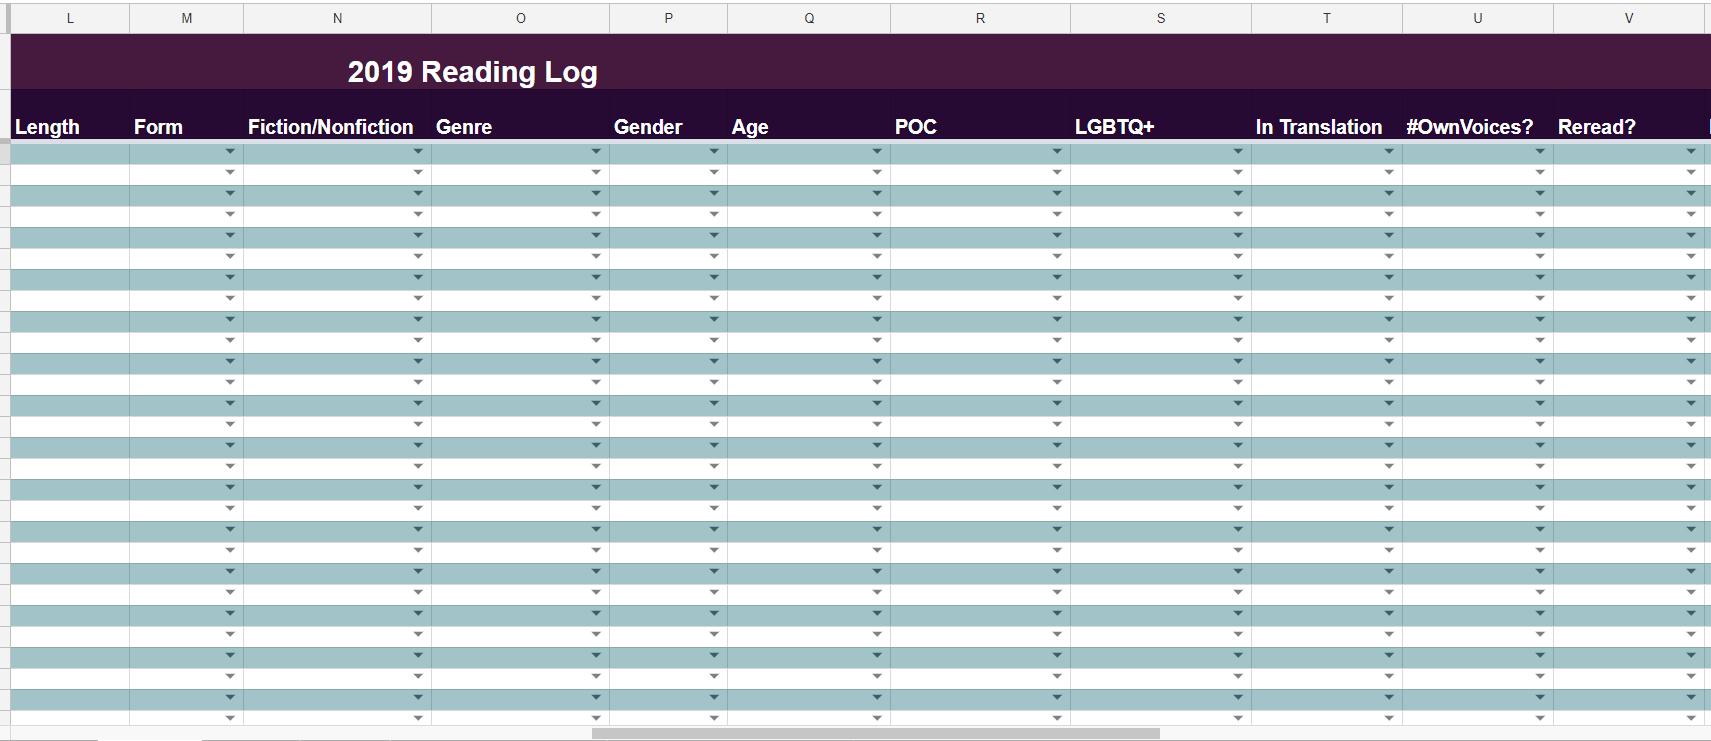 Reading List Spreadsheet intended for The Bigger, Badder 2019 Book Tracking Spreadsheet